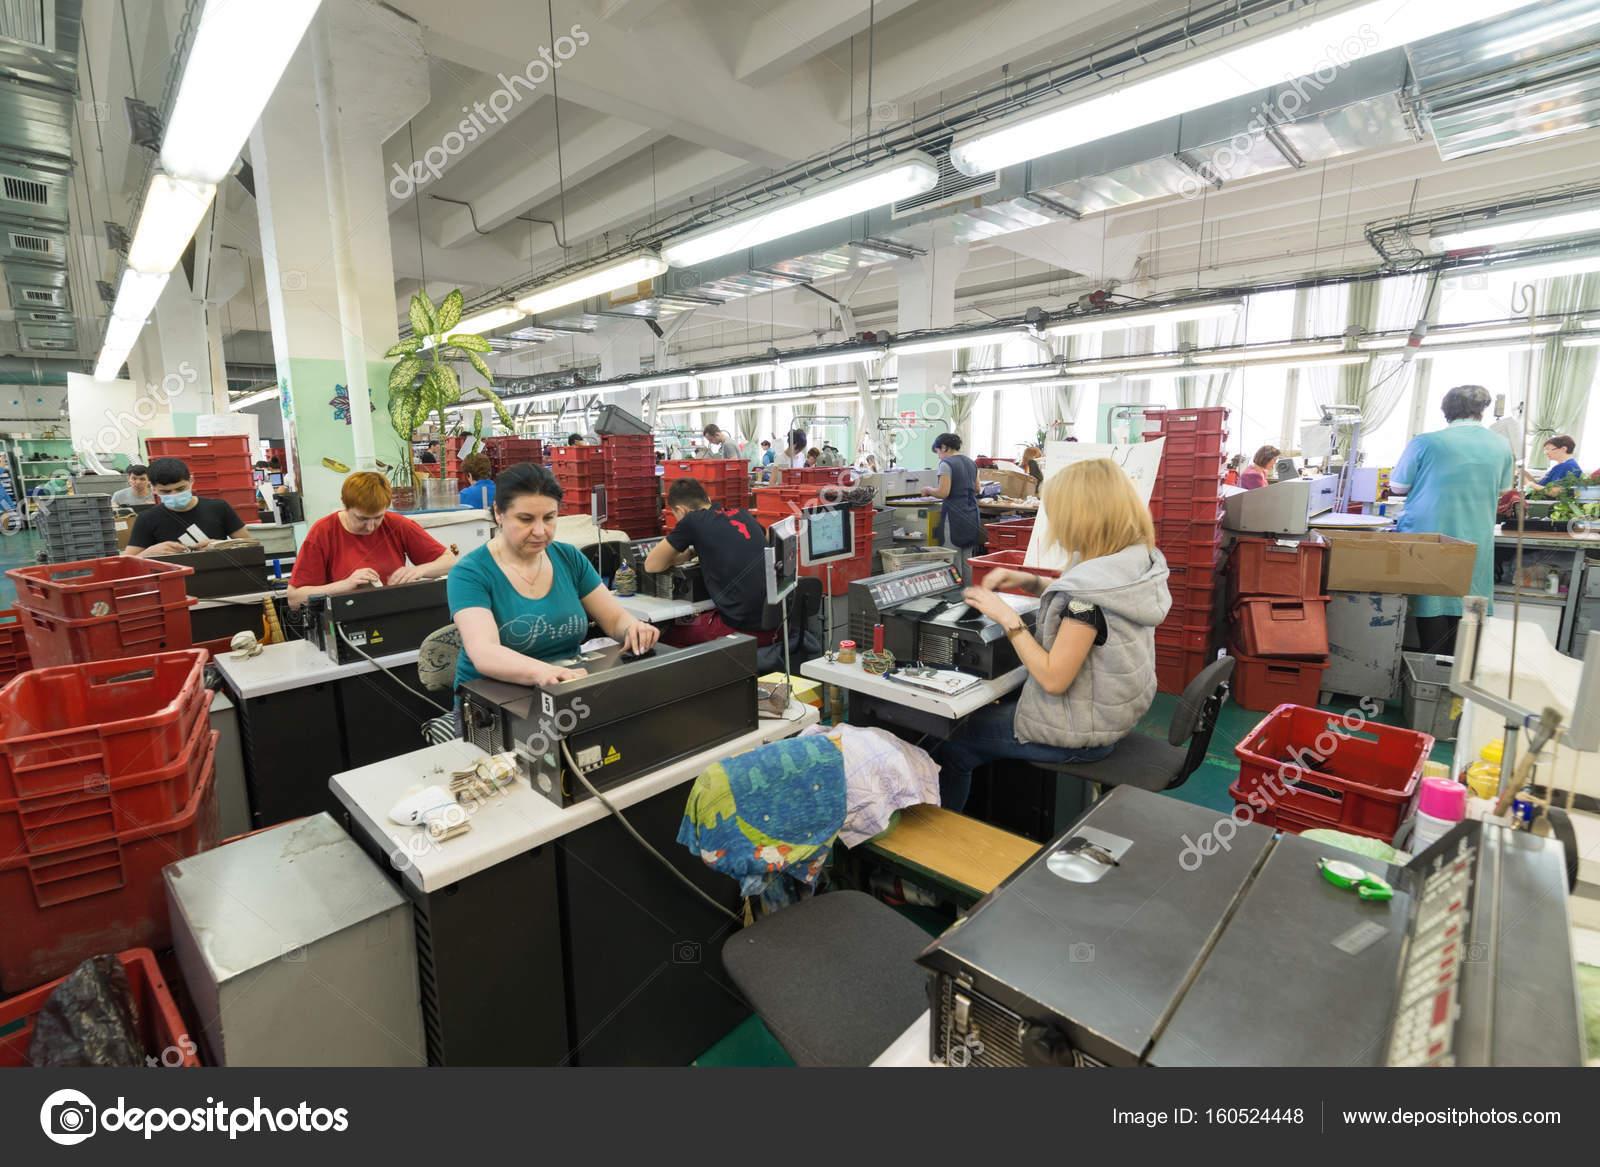 b9318e9aa Москва, Россия - 21 февраля 2017: Московская обувная фабрика ОАО Ralf  Ringer. Женские и мужские рабочие на швейные машины — Фото автора Nordroden